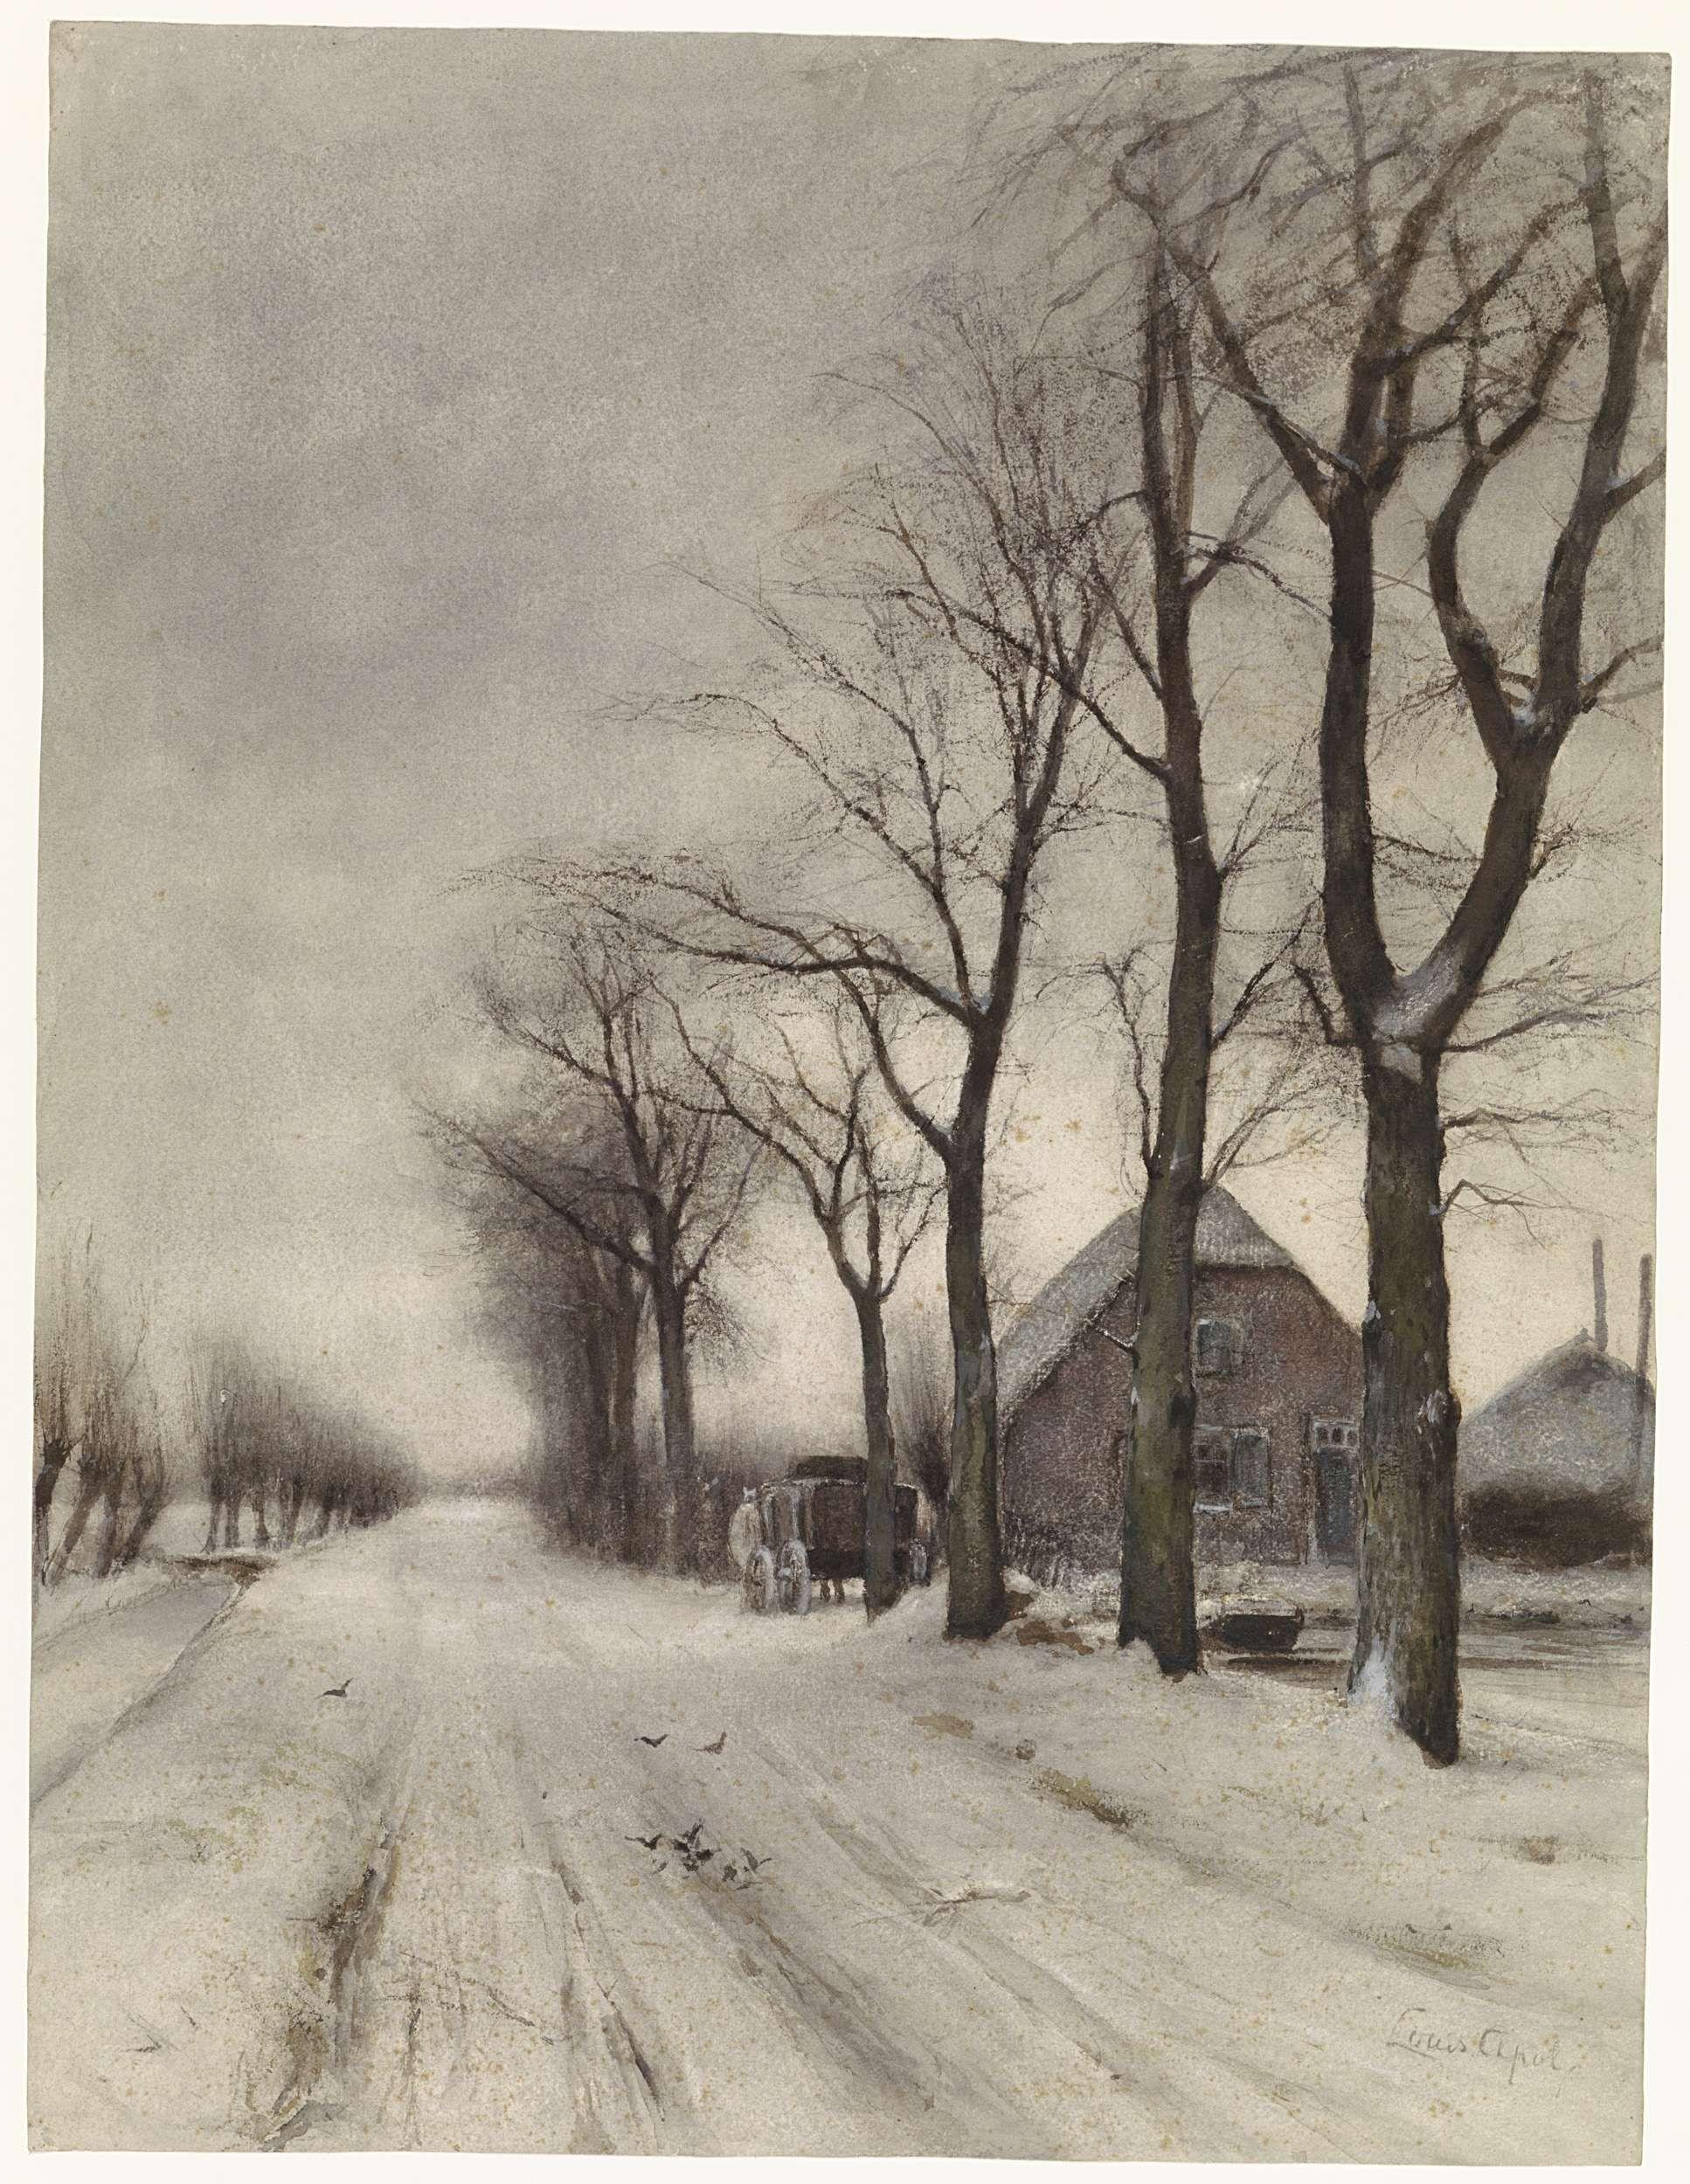 Winterlandschap Met Boerderij Aan Een Laan Louis Apol 1860 1936